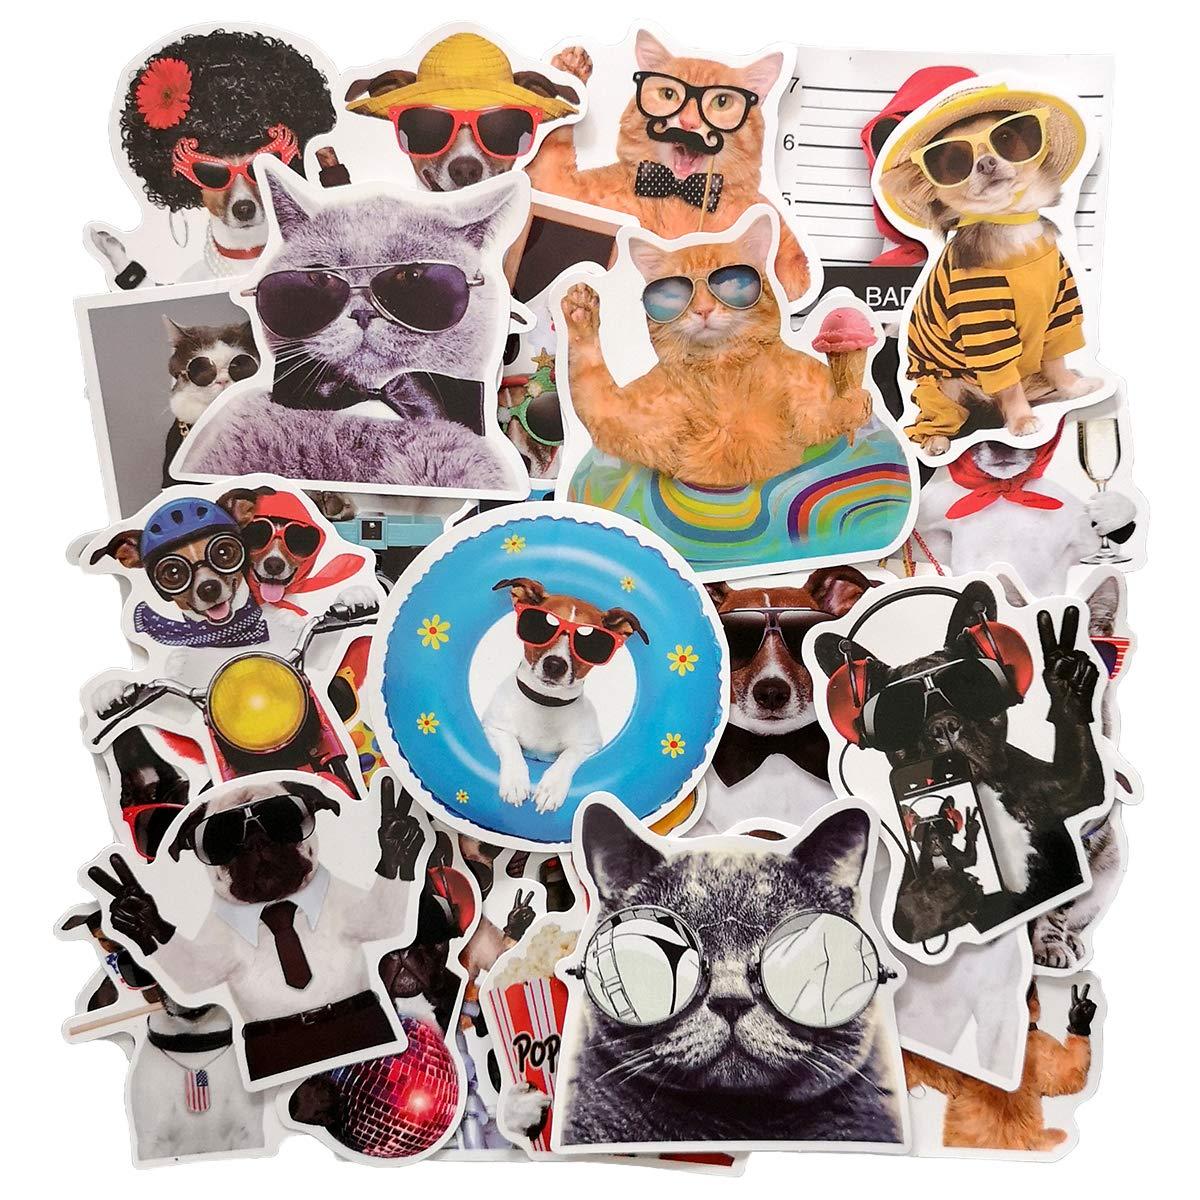 Stickers Calcos 38 un. Mascotas Origen U.S.A. (7Q1K5LXZ)